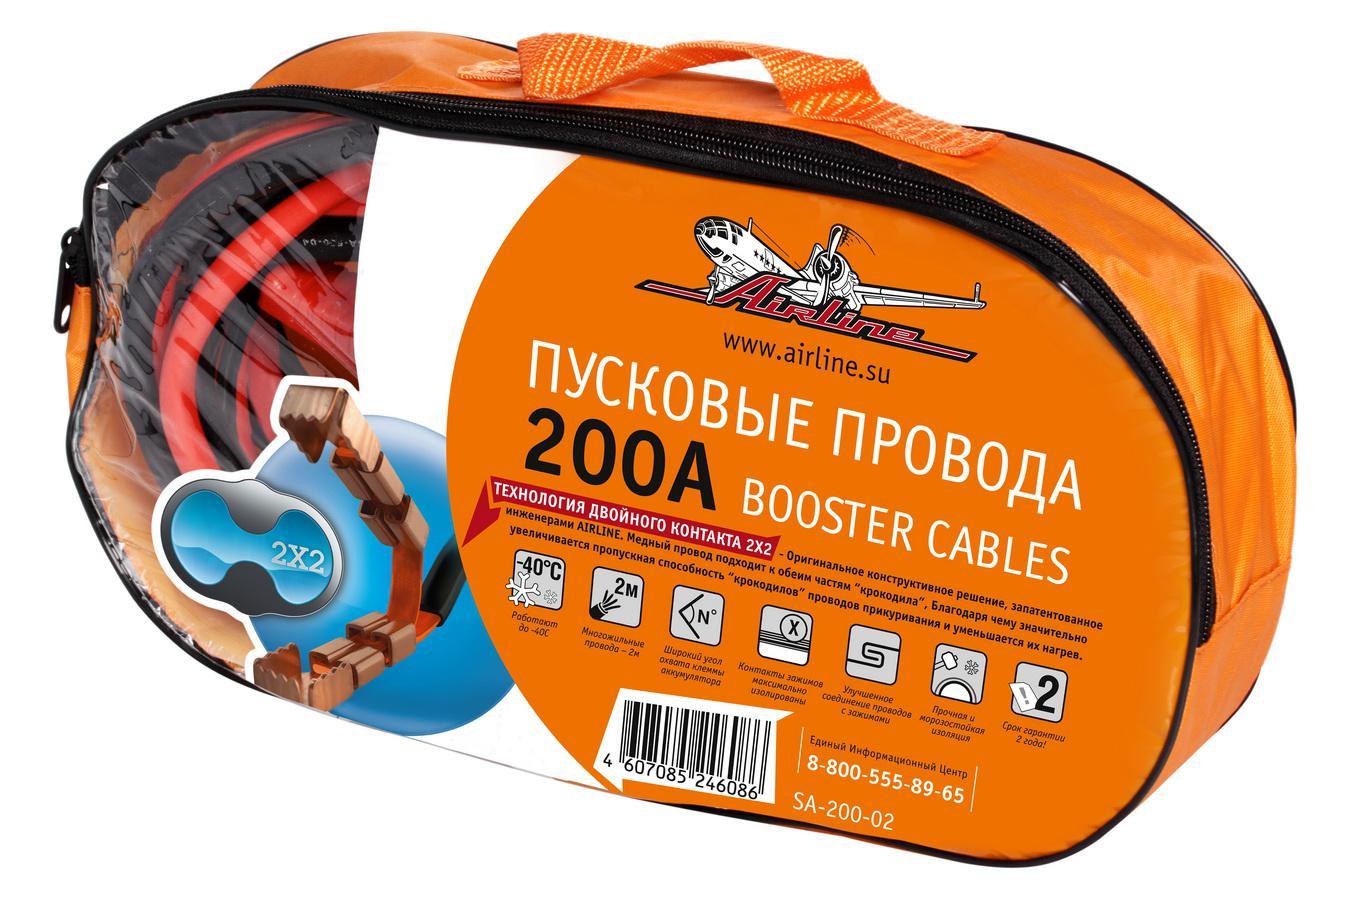 Провода для прикуривания Airline Sa-200-02  провода вспомогательного запуска аптечка airline am 02